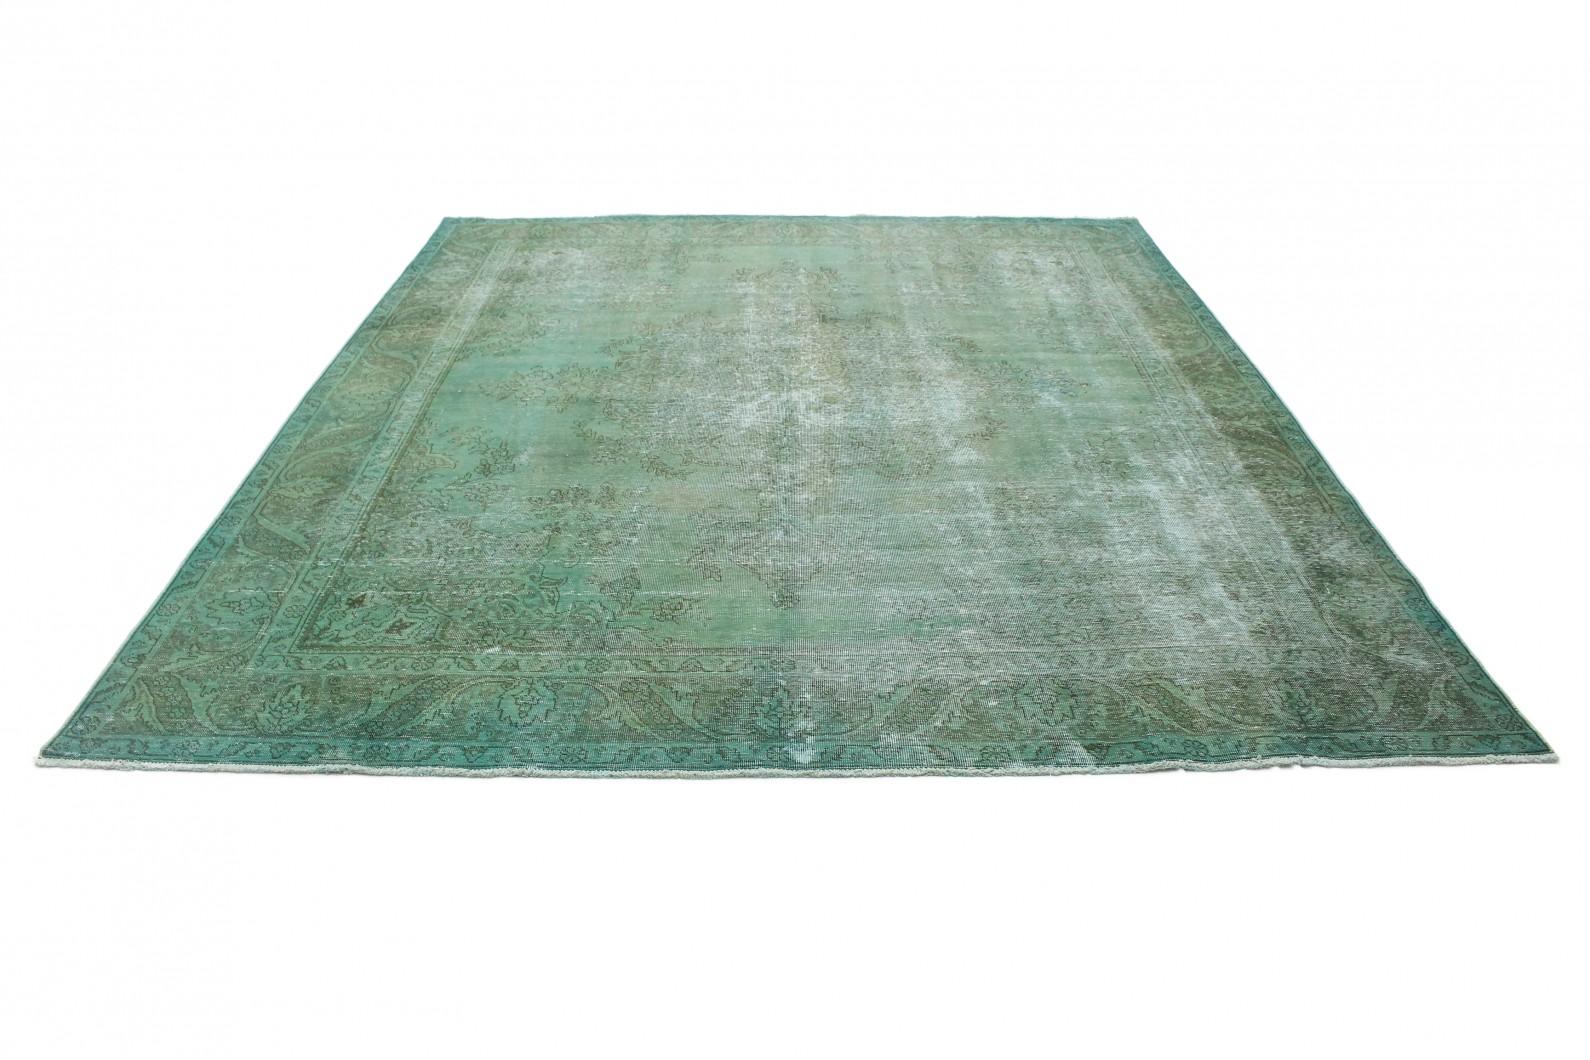 Vintage teppich grün grau in  bei carpetido